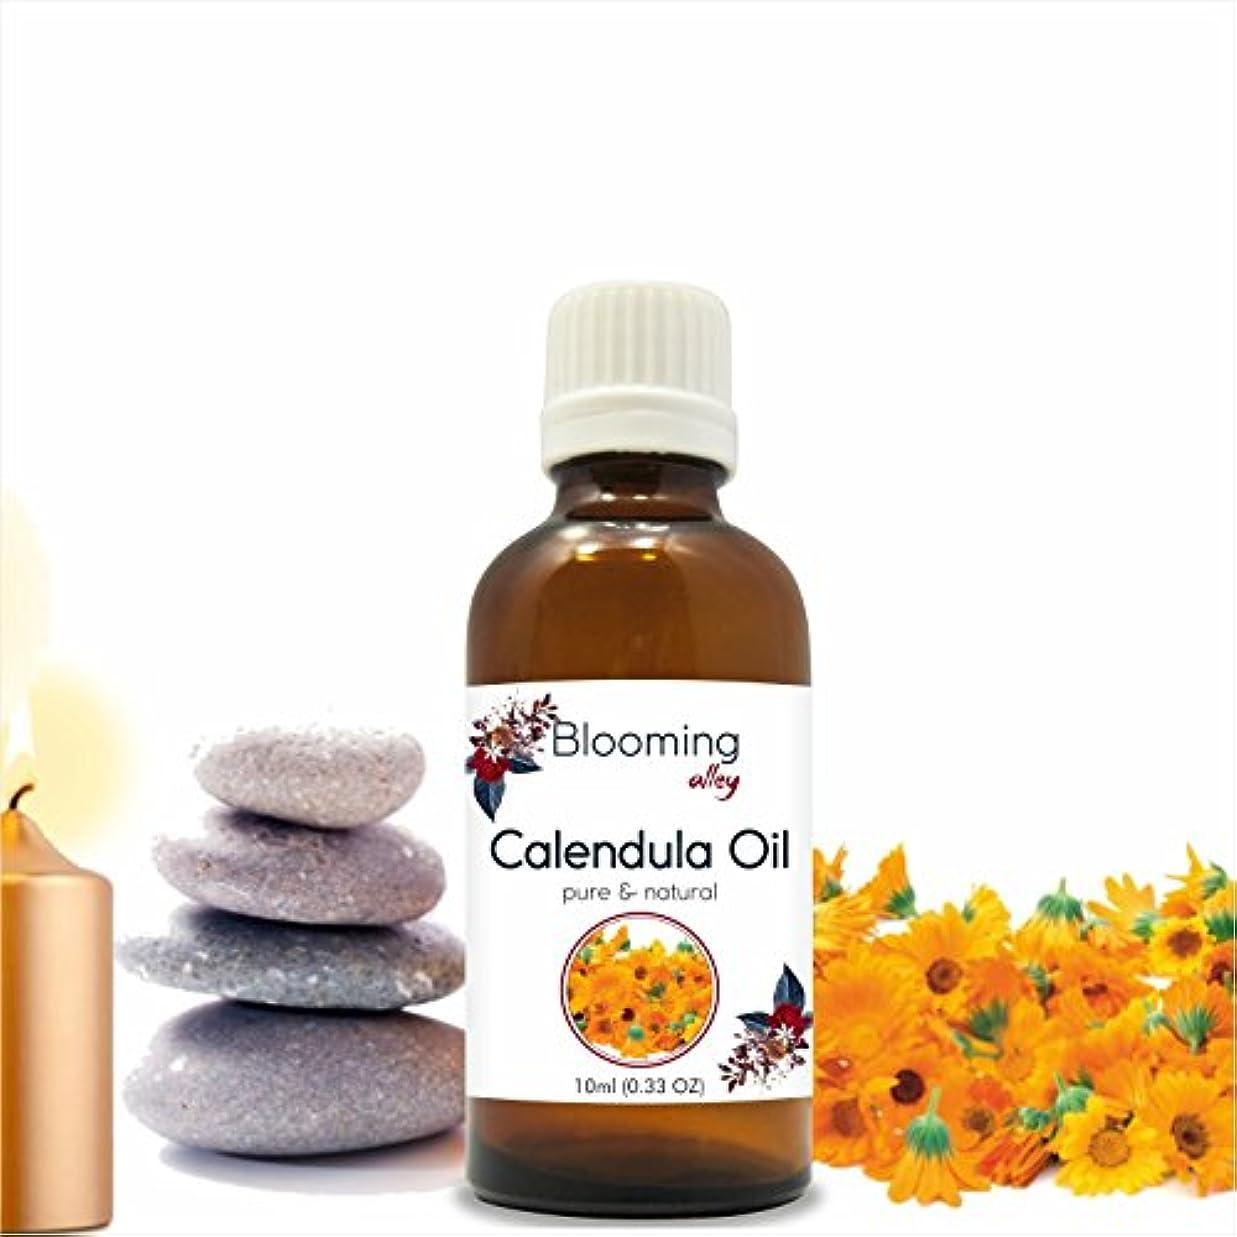 蓮ボイコット満足させるCalendula Oil (Calendula Officinalis) Essential Oil 10 ml or 0.33 Fl Oz by Blooming Alley